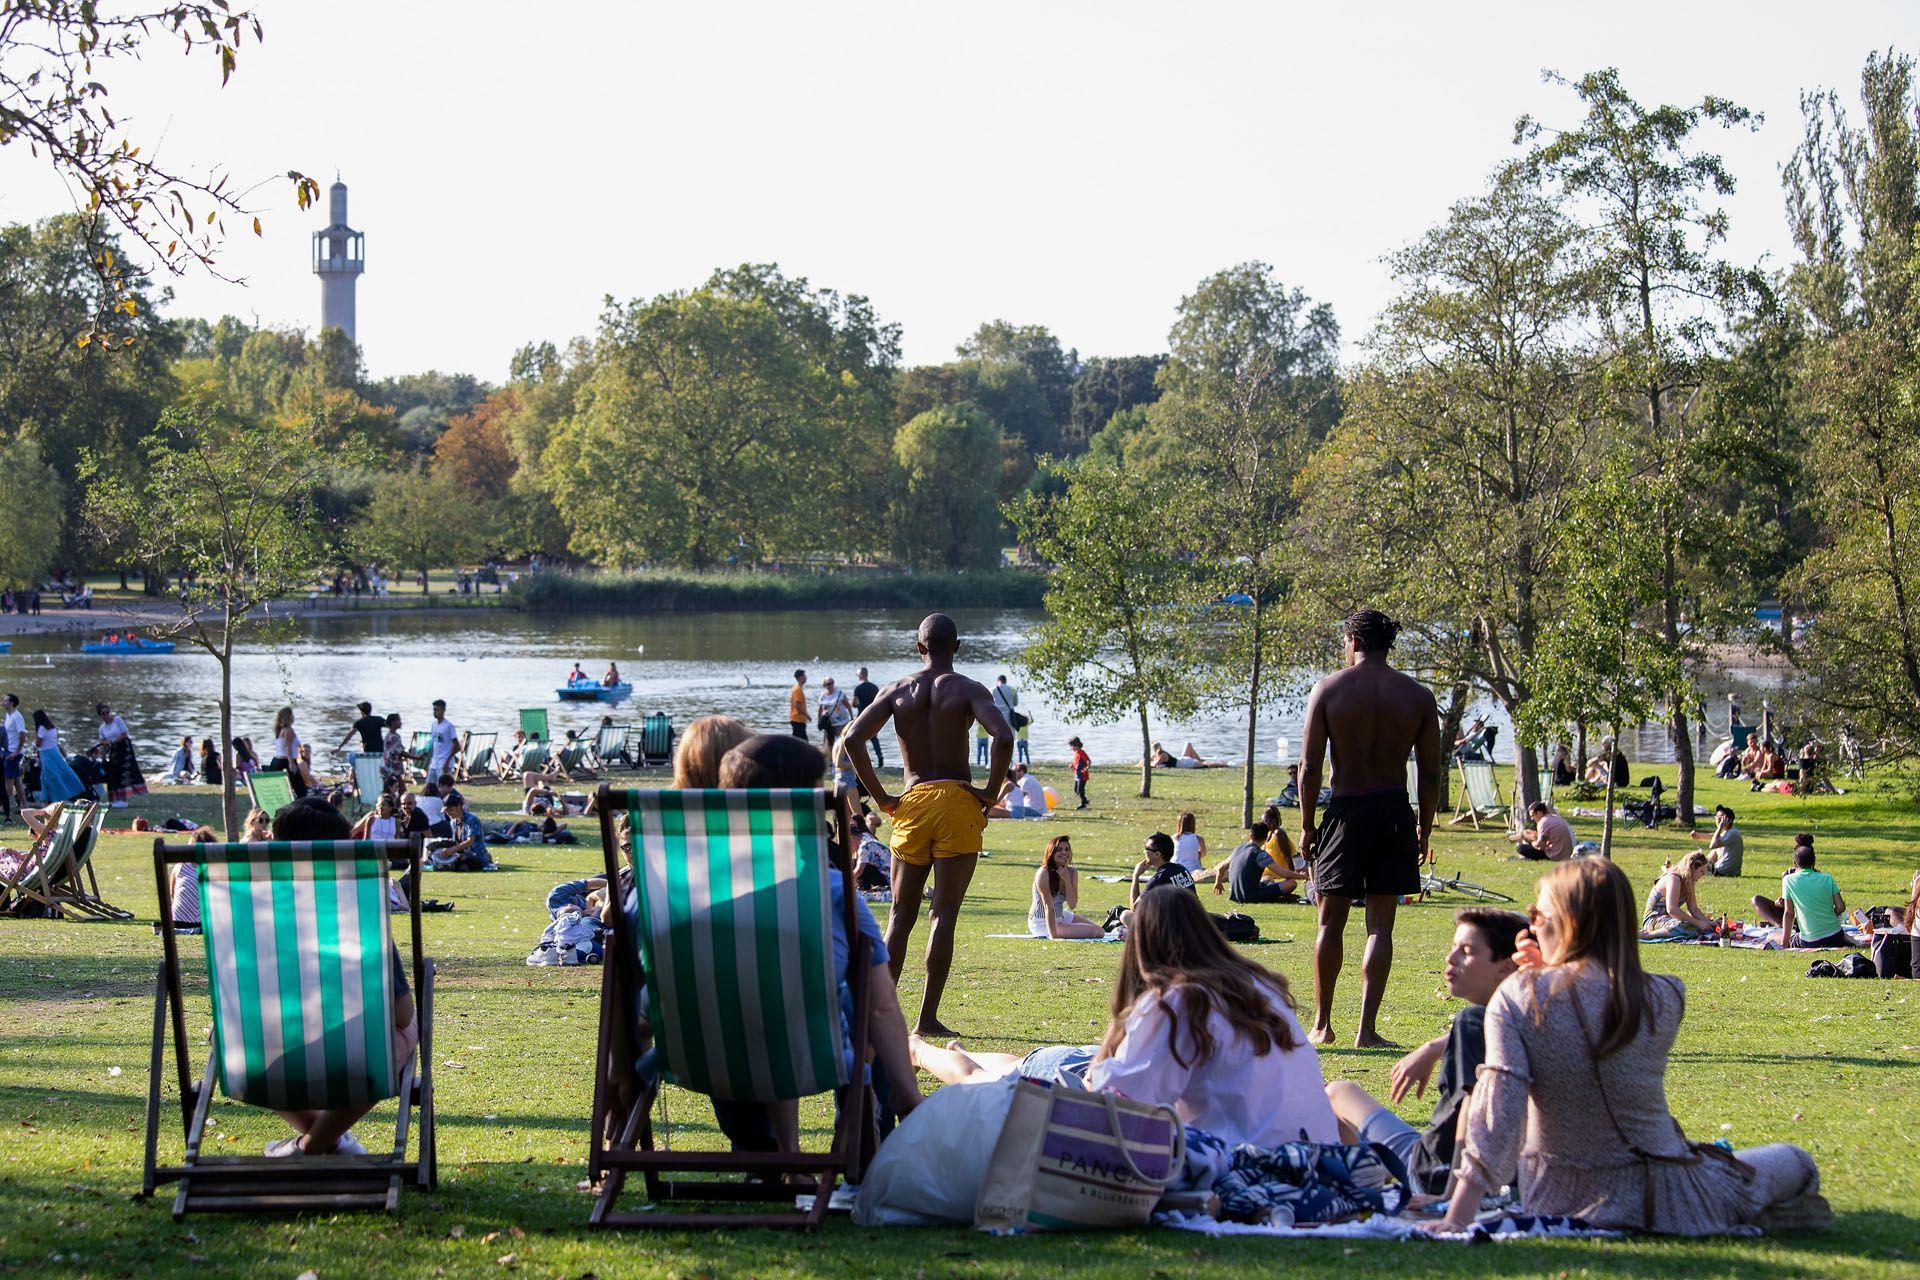 A londoniak a Regents Parkban élvezték az utolsó korlátozás mentes napot (Fotó: Jo Hale/Getty Images)